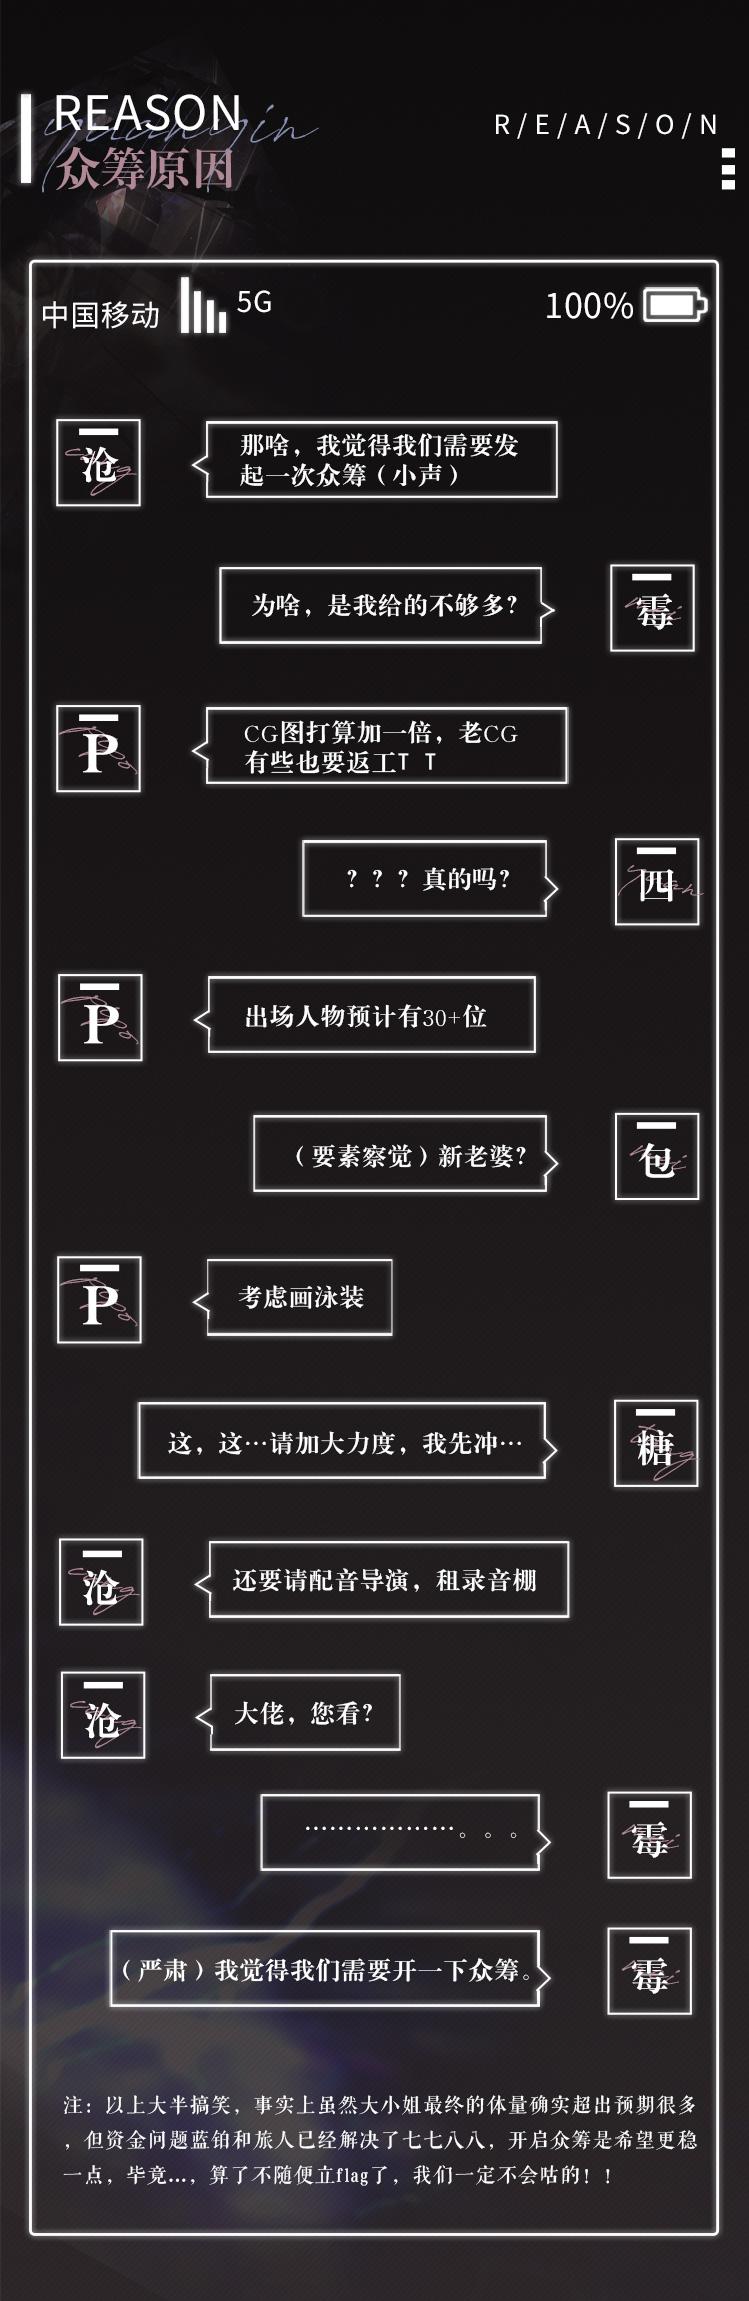 众筹图_04.jpg